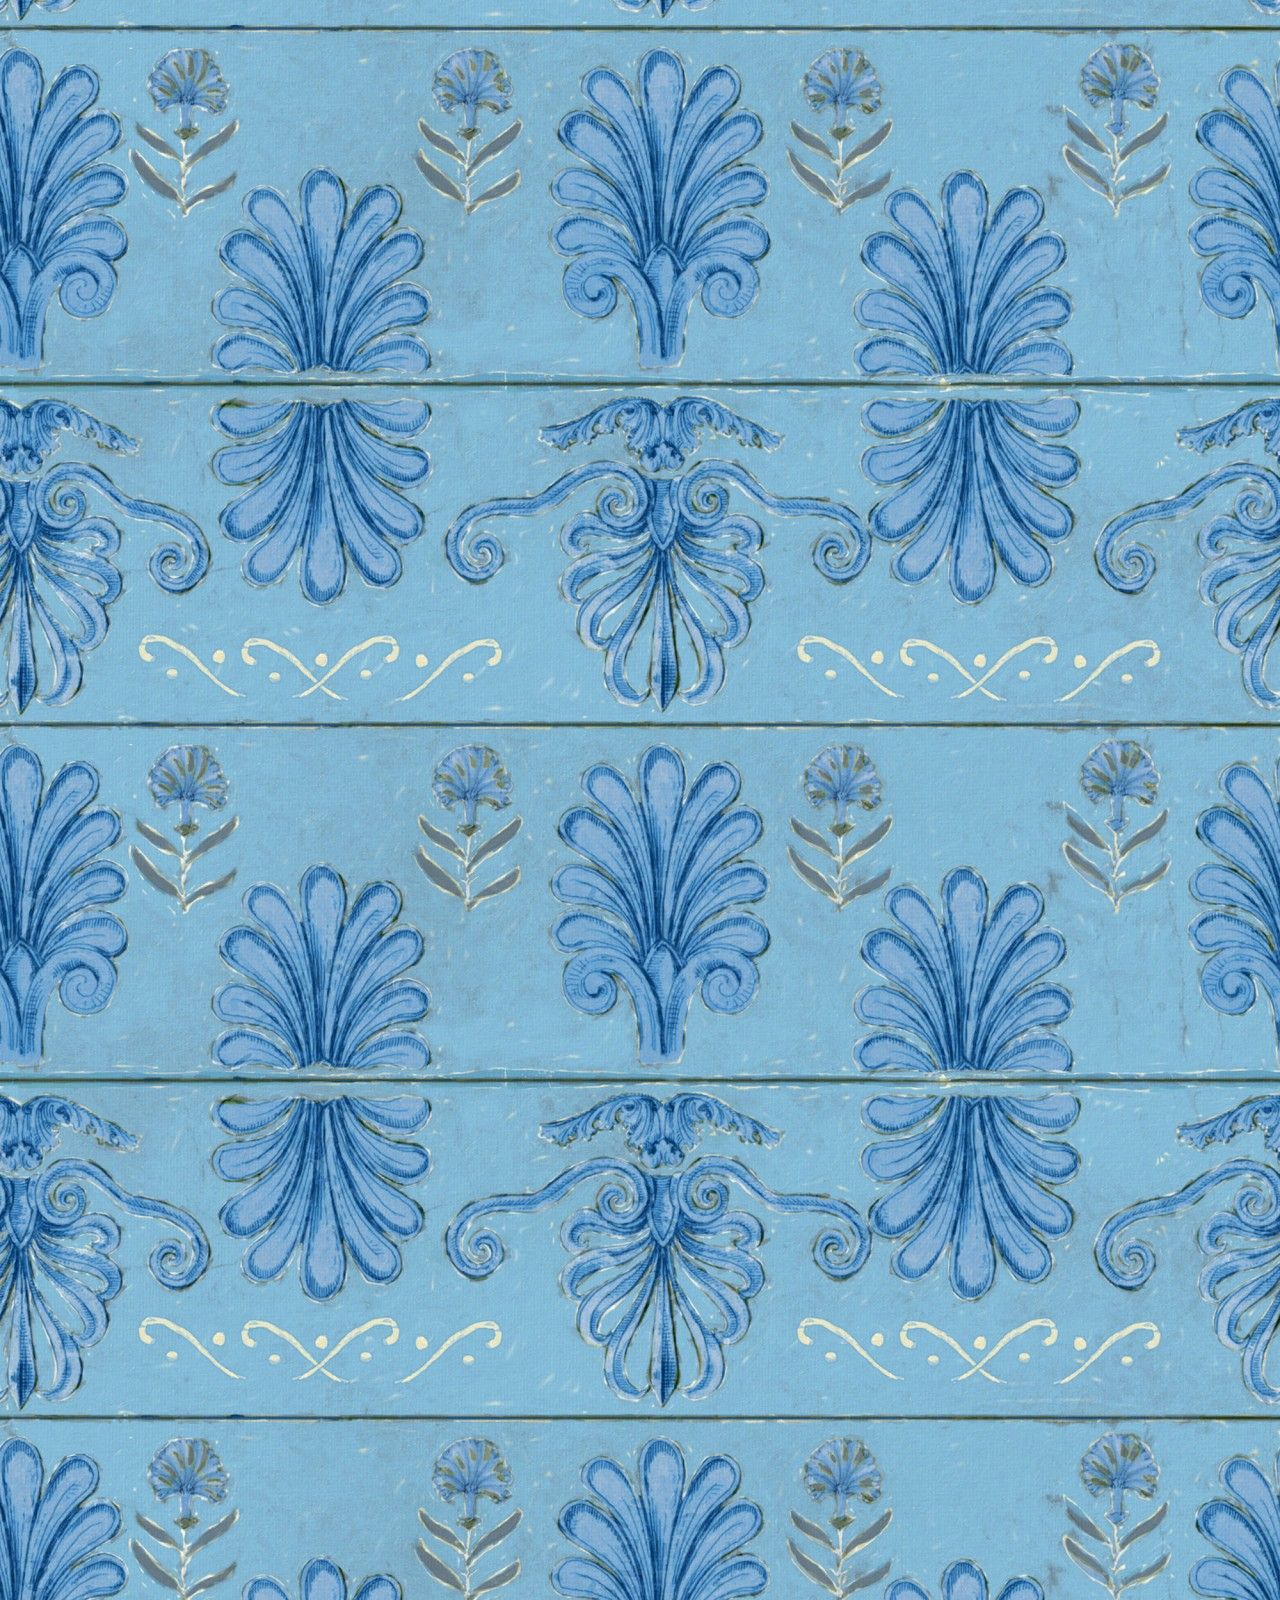 MYKONOS VILLA MOTIF Azure Wallpaper